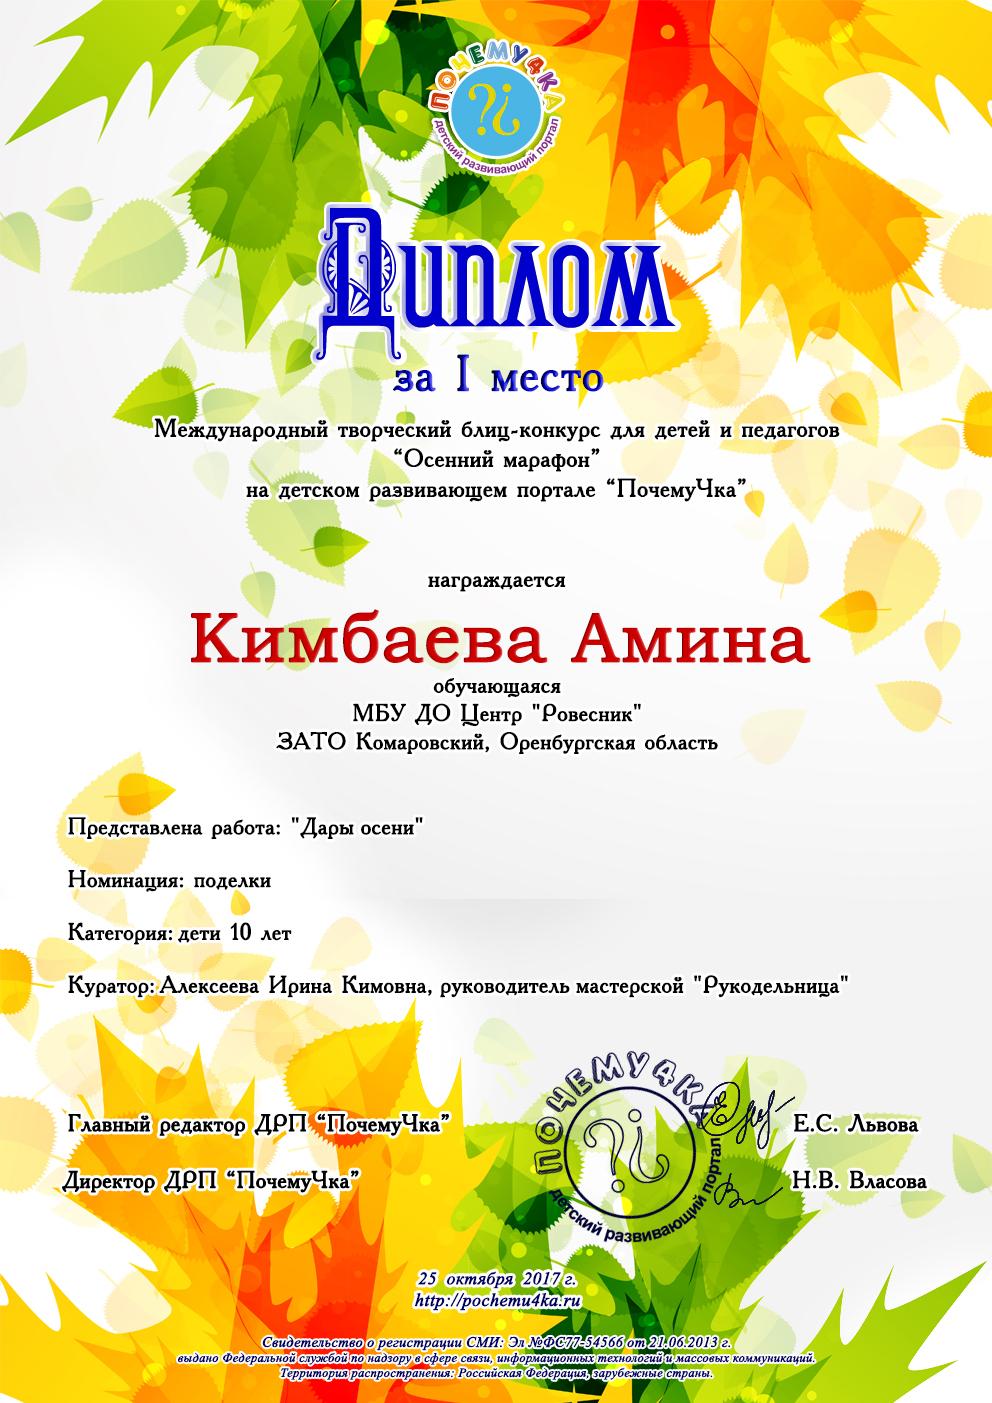 Кимбаева Амина